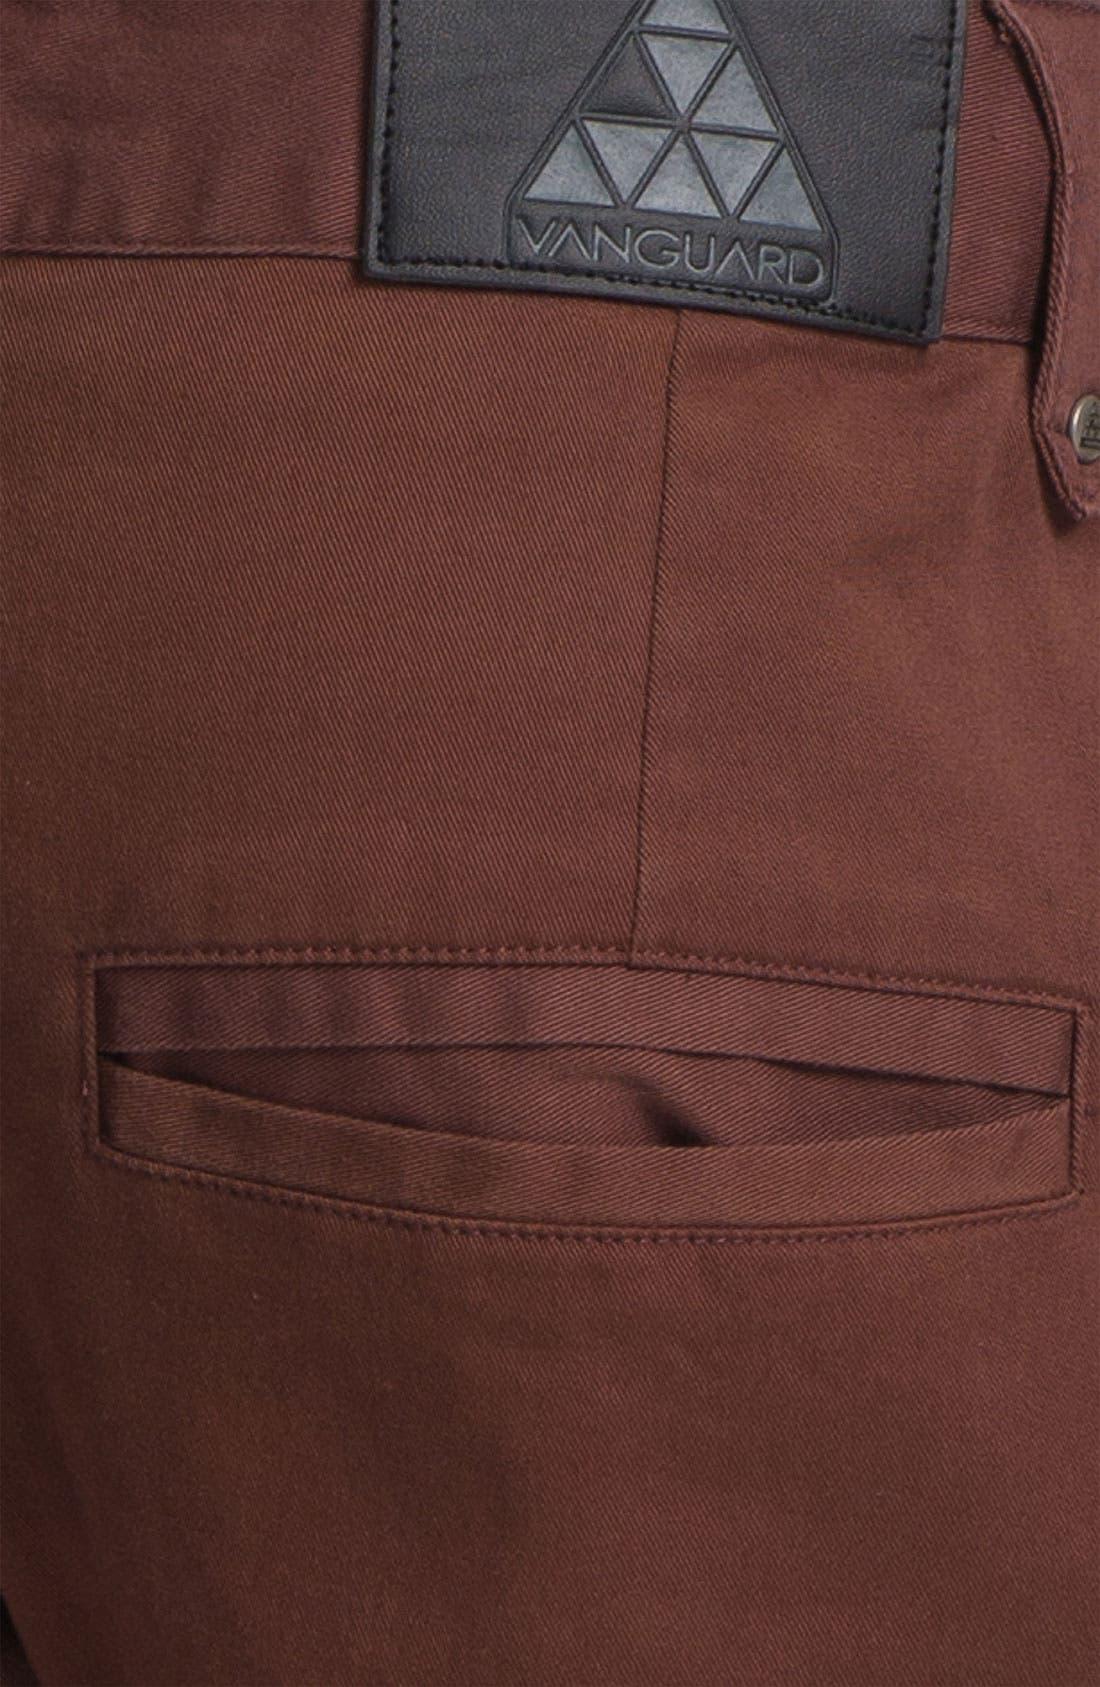 Alternate Image 3  - Vanguard 'Rino' Slim Fit Chinos